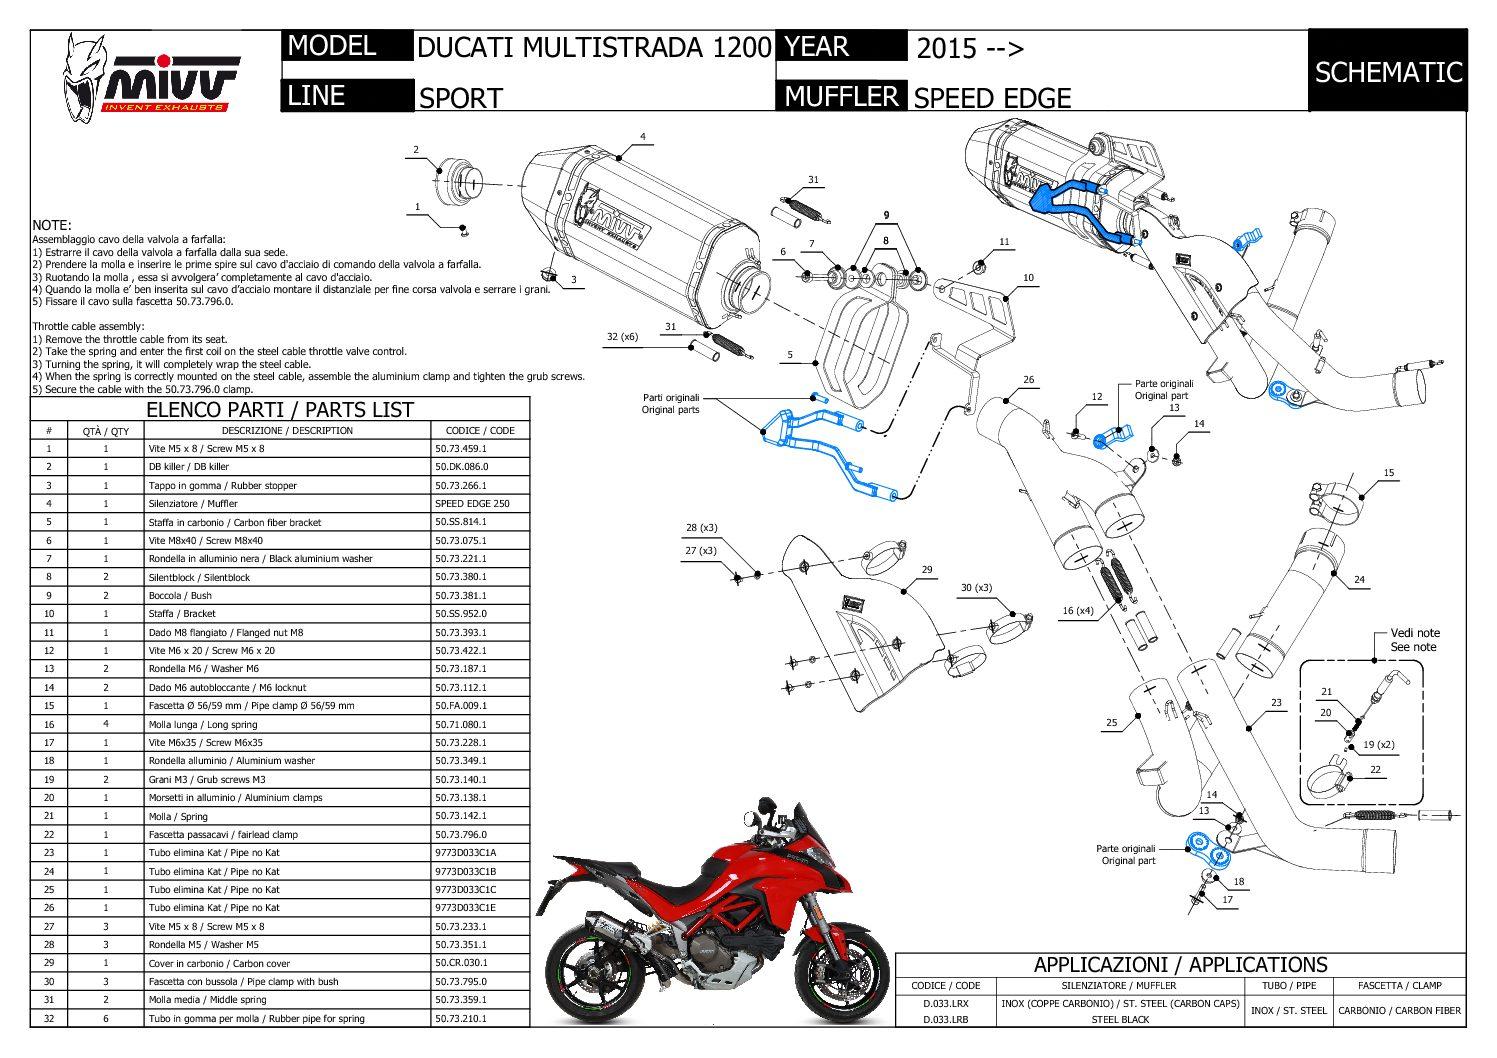 D033 Speed Edge Schematic